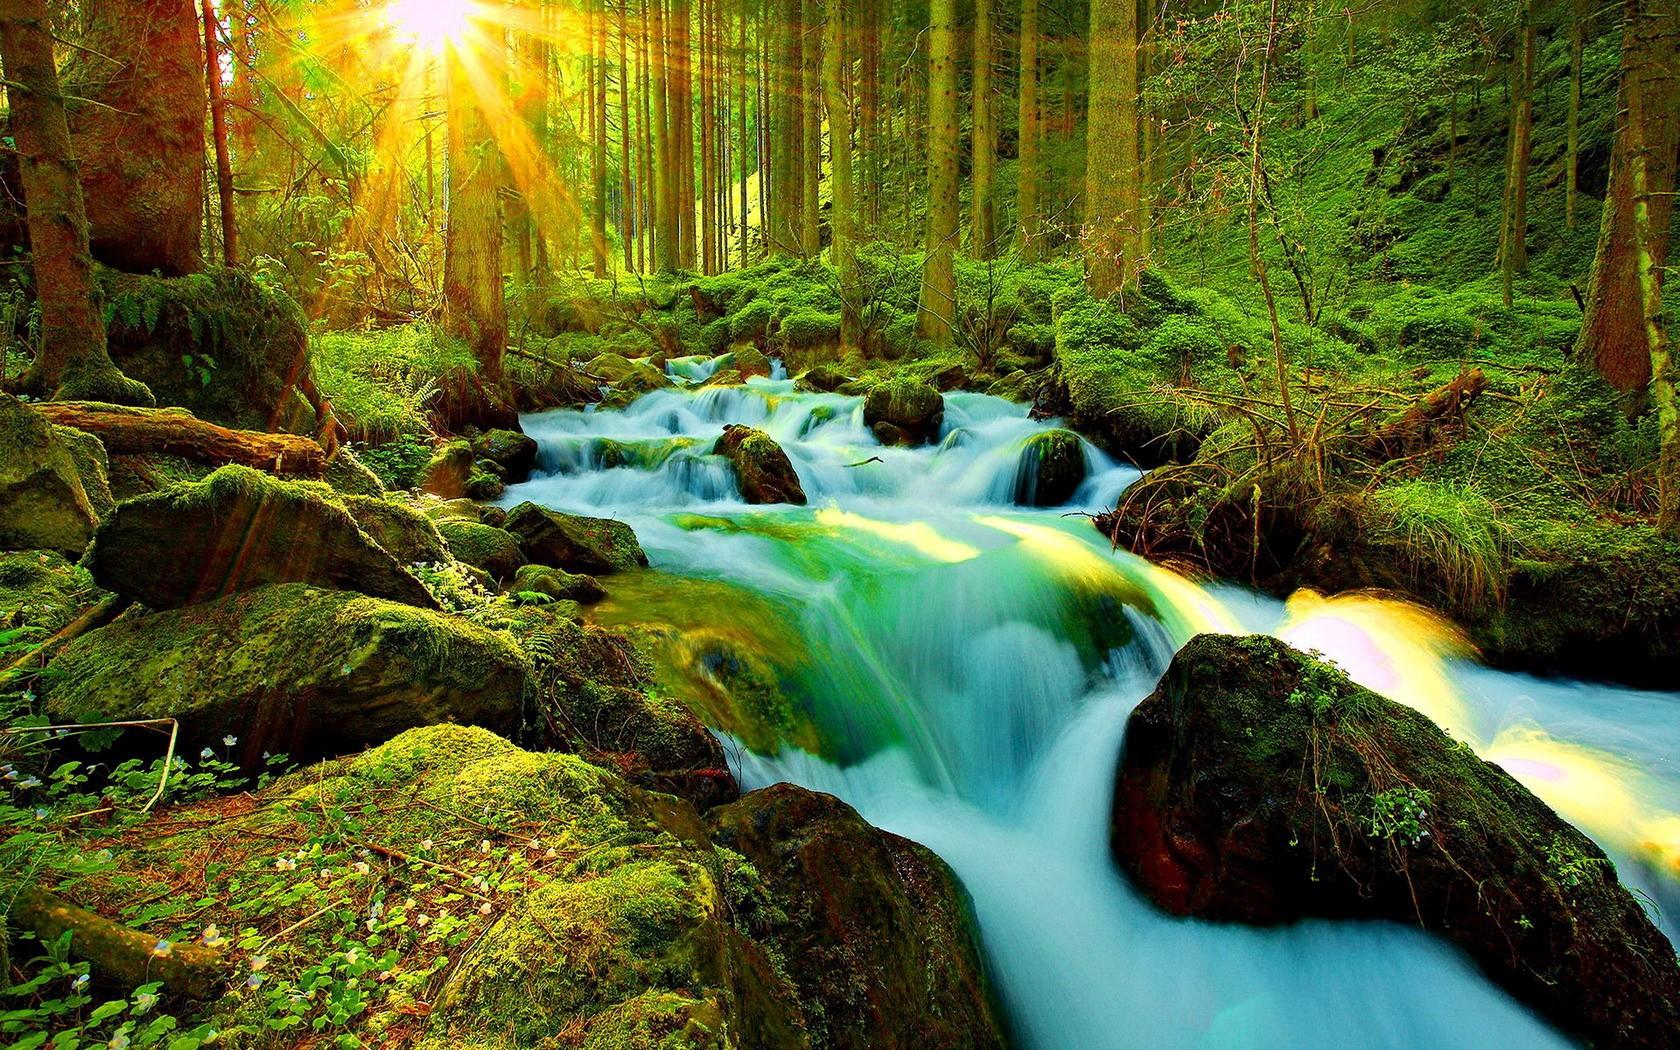 Jog Falls Wallpapers Desktop Sunshine On Forest Stream Wallpaper And Background Image